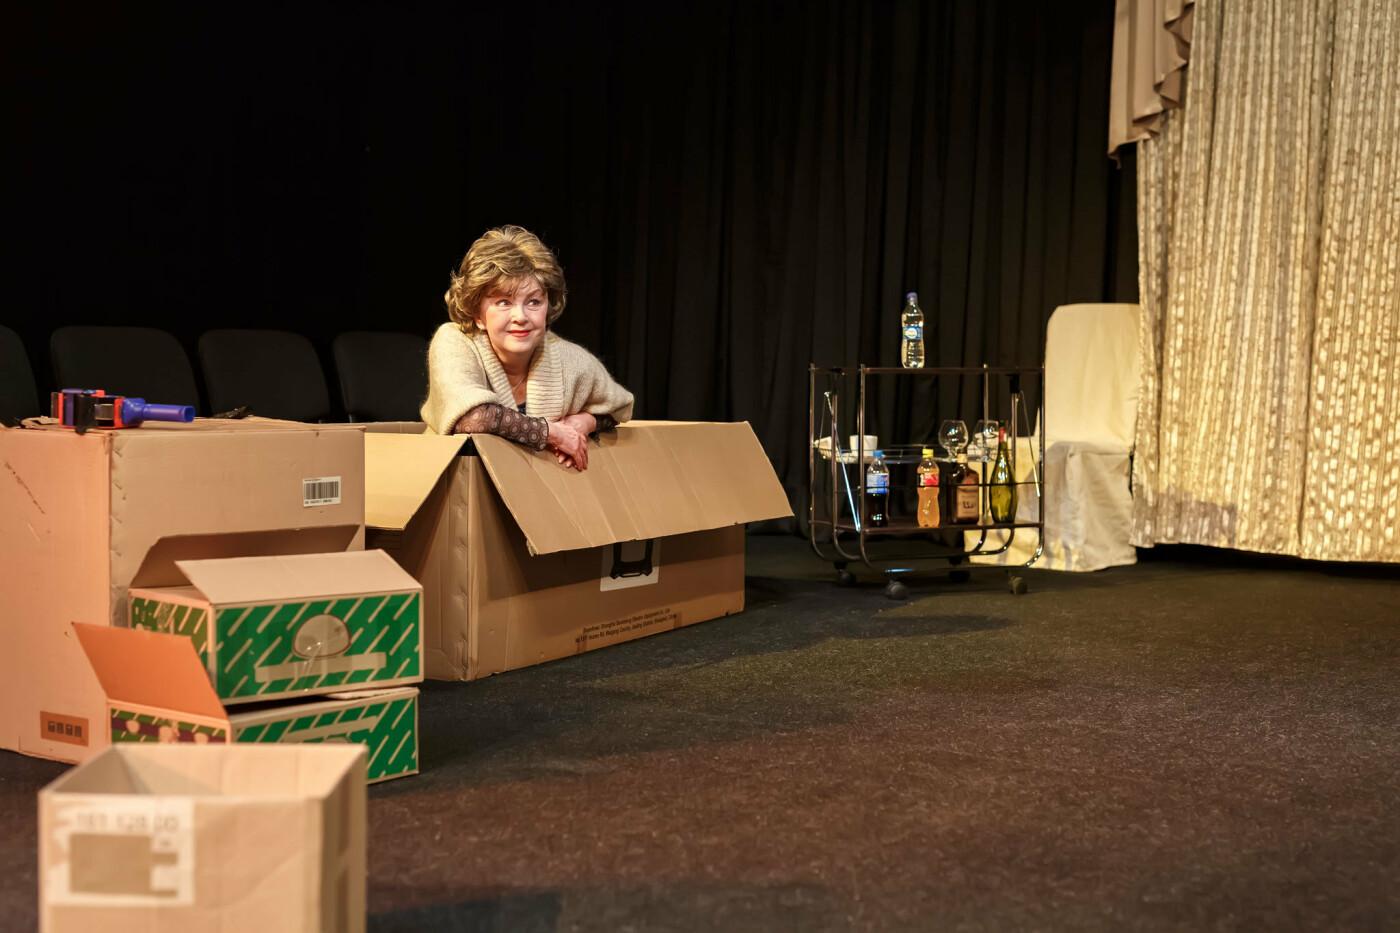 Театры Харькова: какие спектакли посмотреть на этих выходных, - ФОТО, фото-1